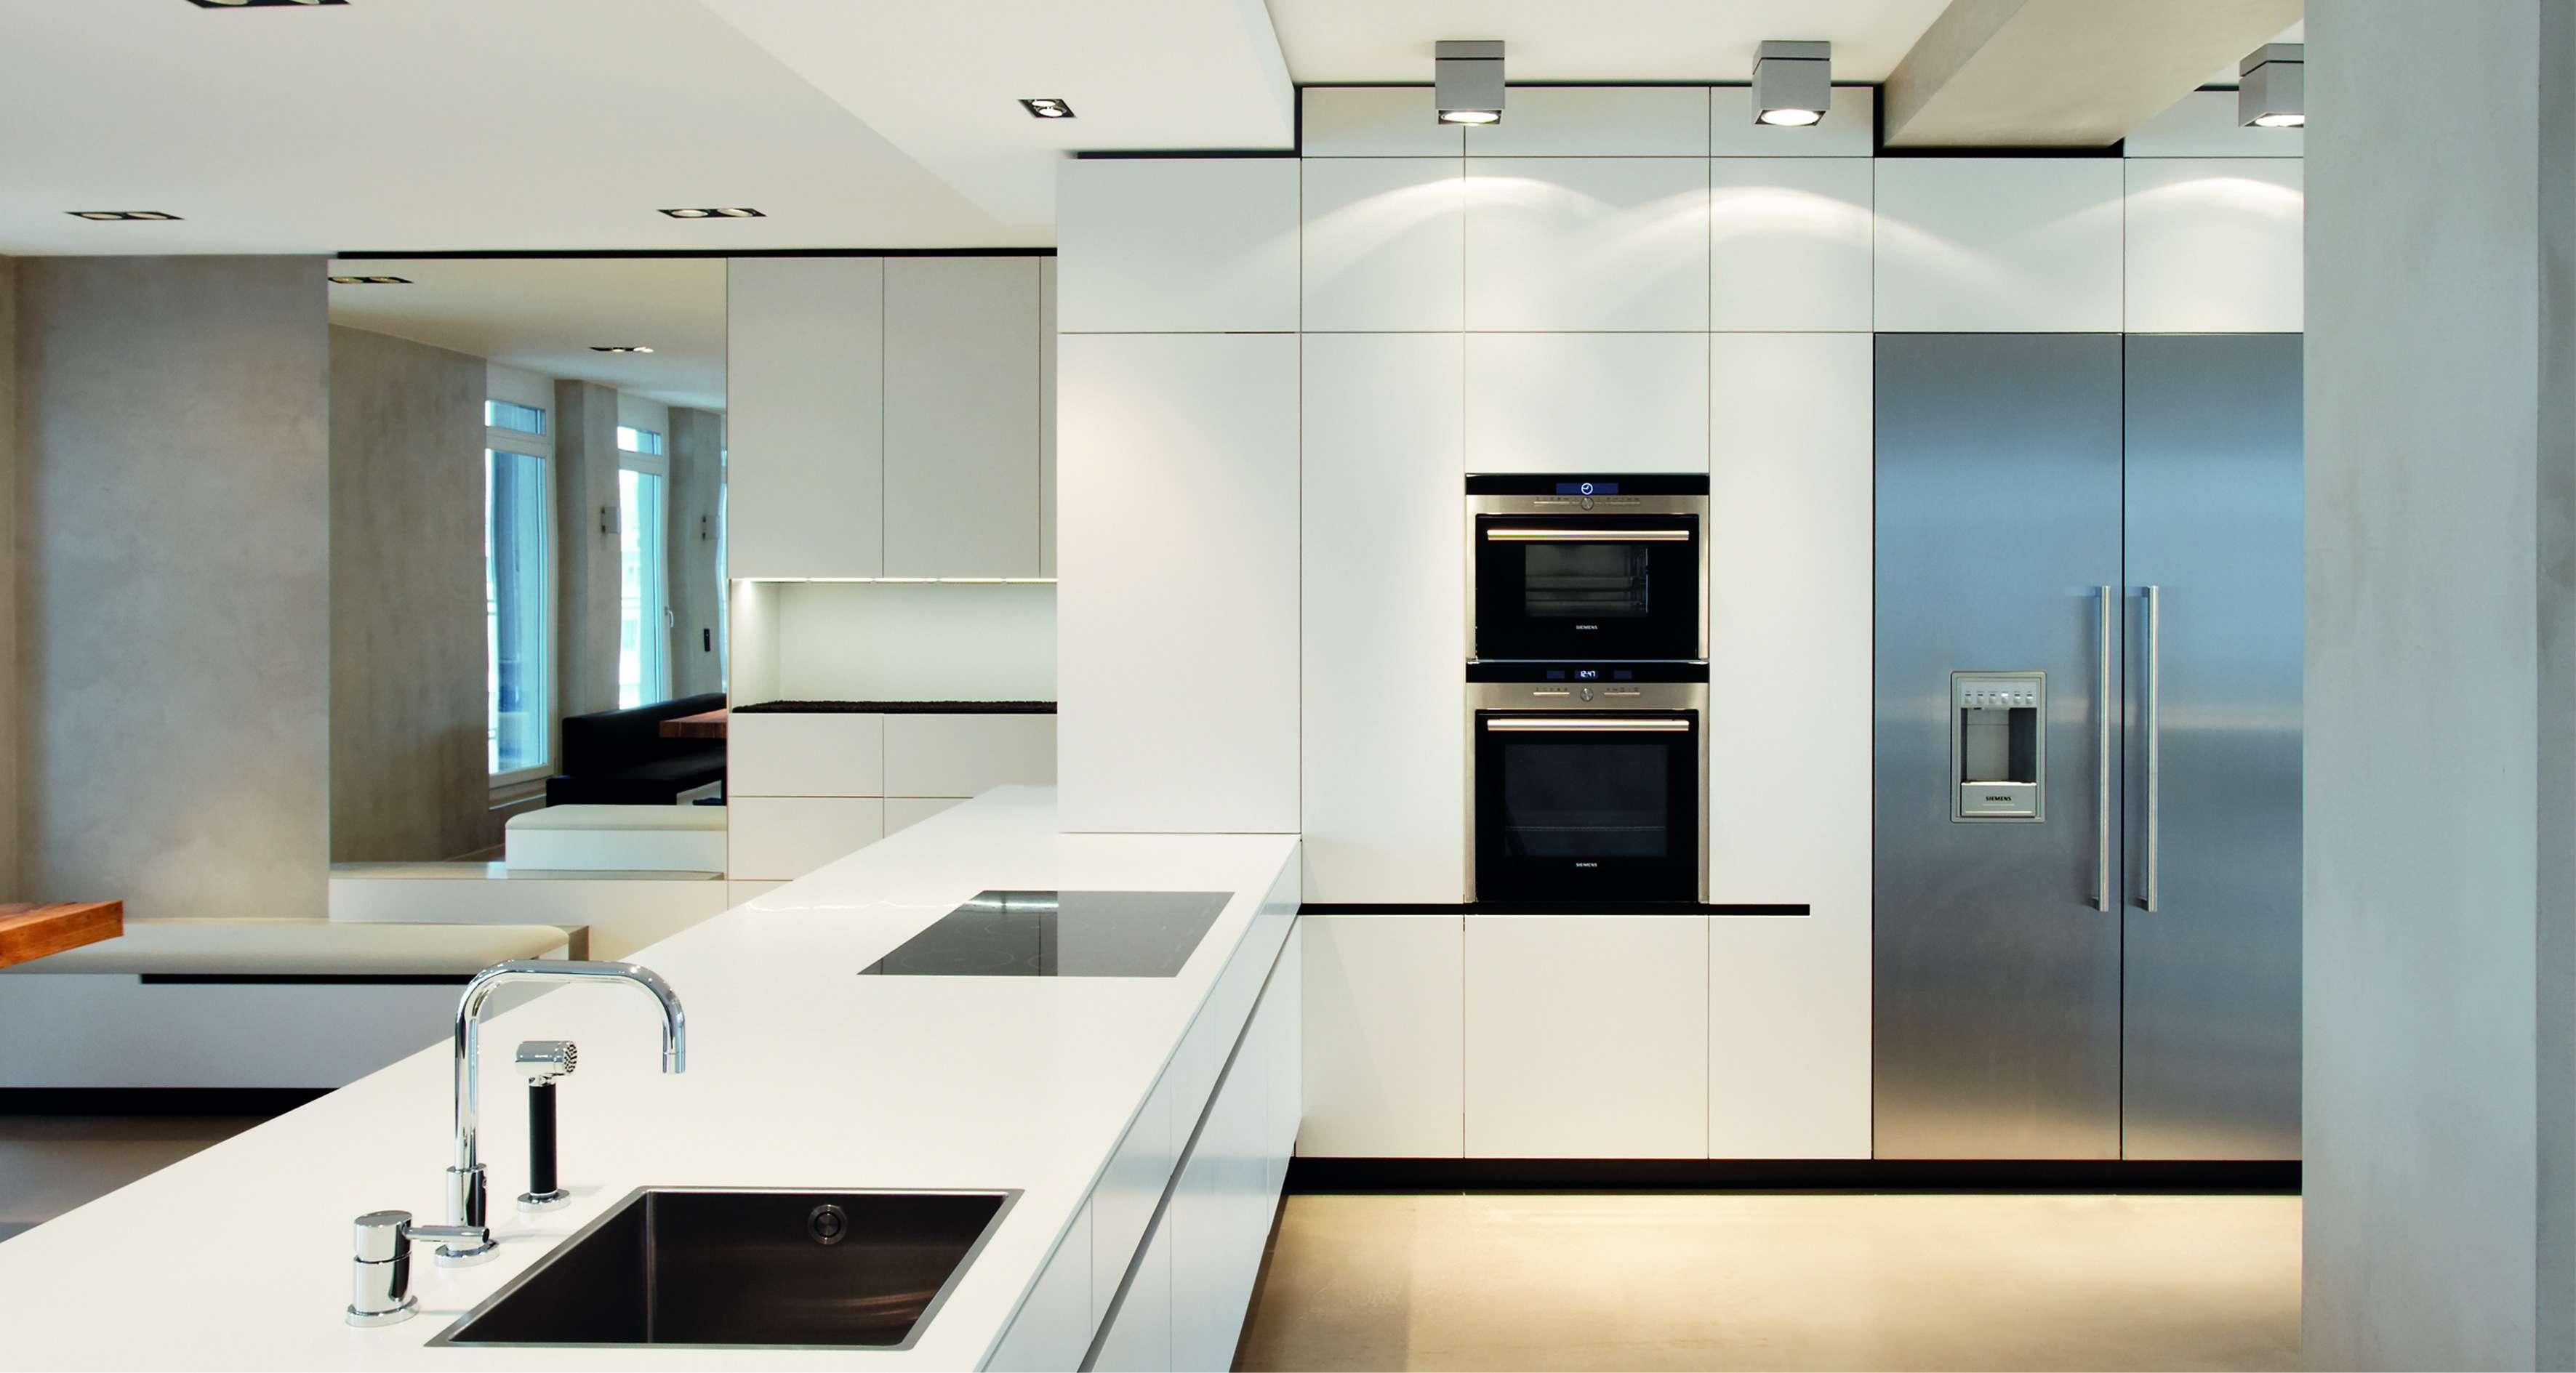 Großzügige und freistehende Küche in Lack Weiß, grifflos mit Kücheninsel und sehr großem Kühlschrank.